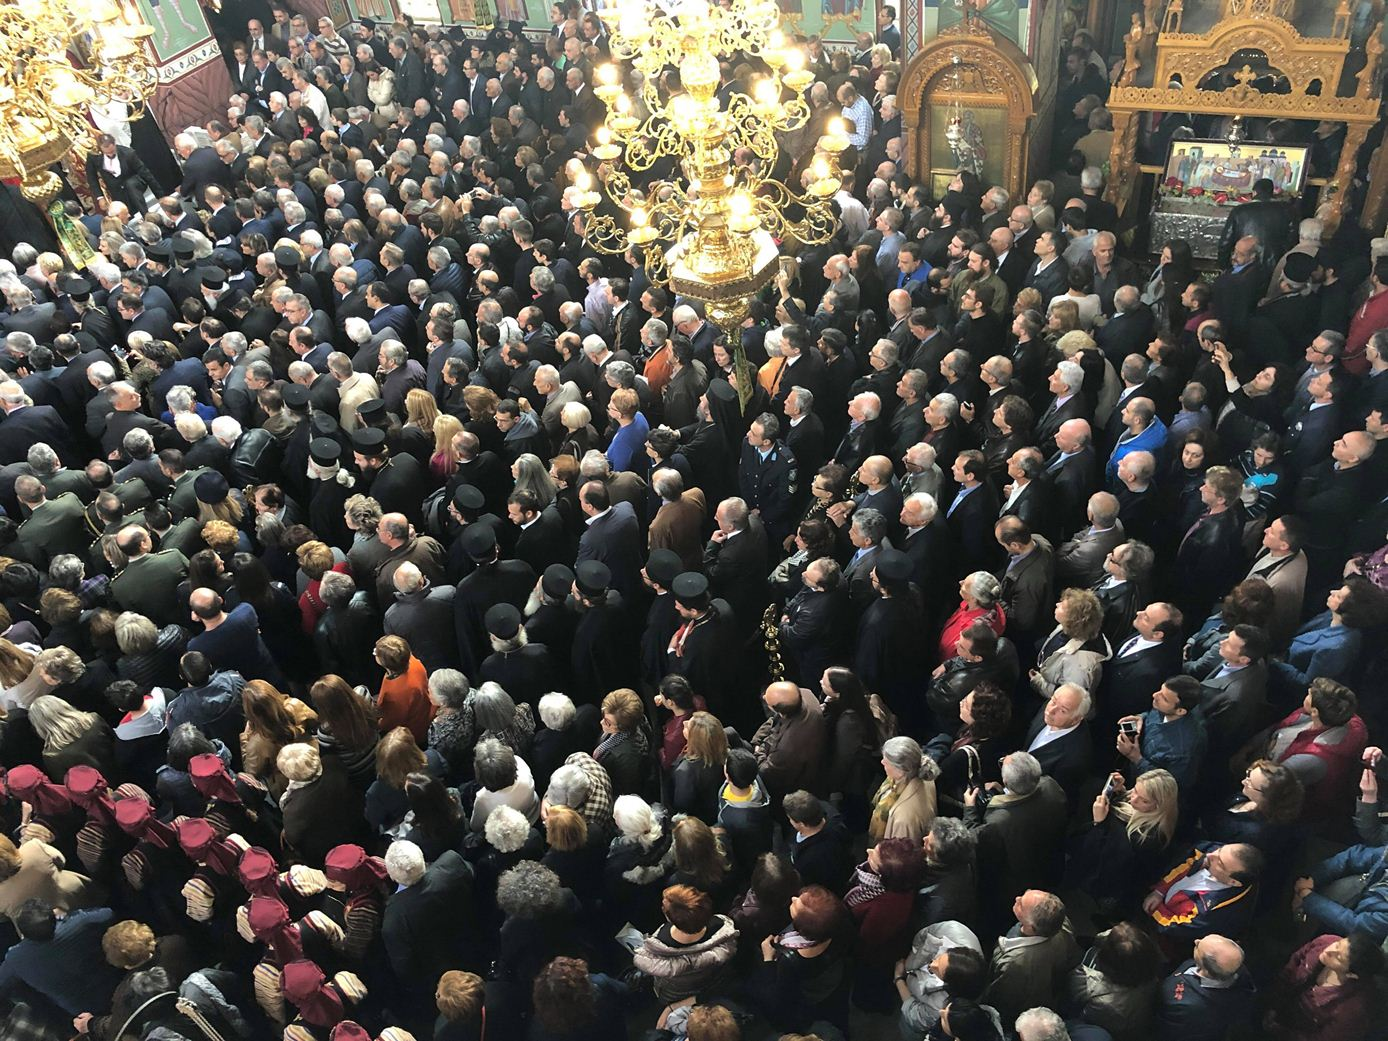 Κατάμεστος ο Άγιος Αχίλλιος στην τελετή ενθρόνισης του Μητροπολίτη Λαρίσης Ιερωνύμου (φωτό - video)